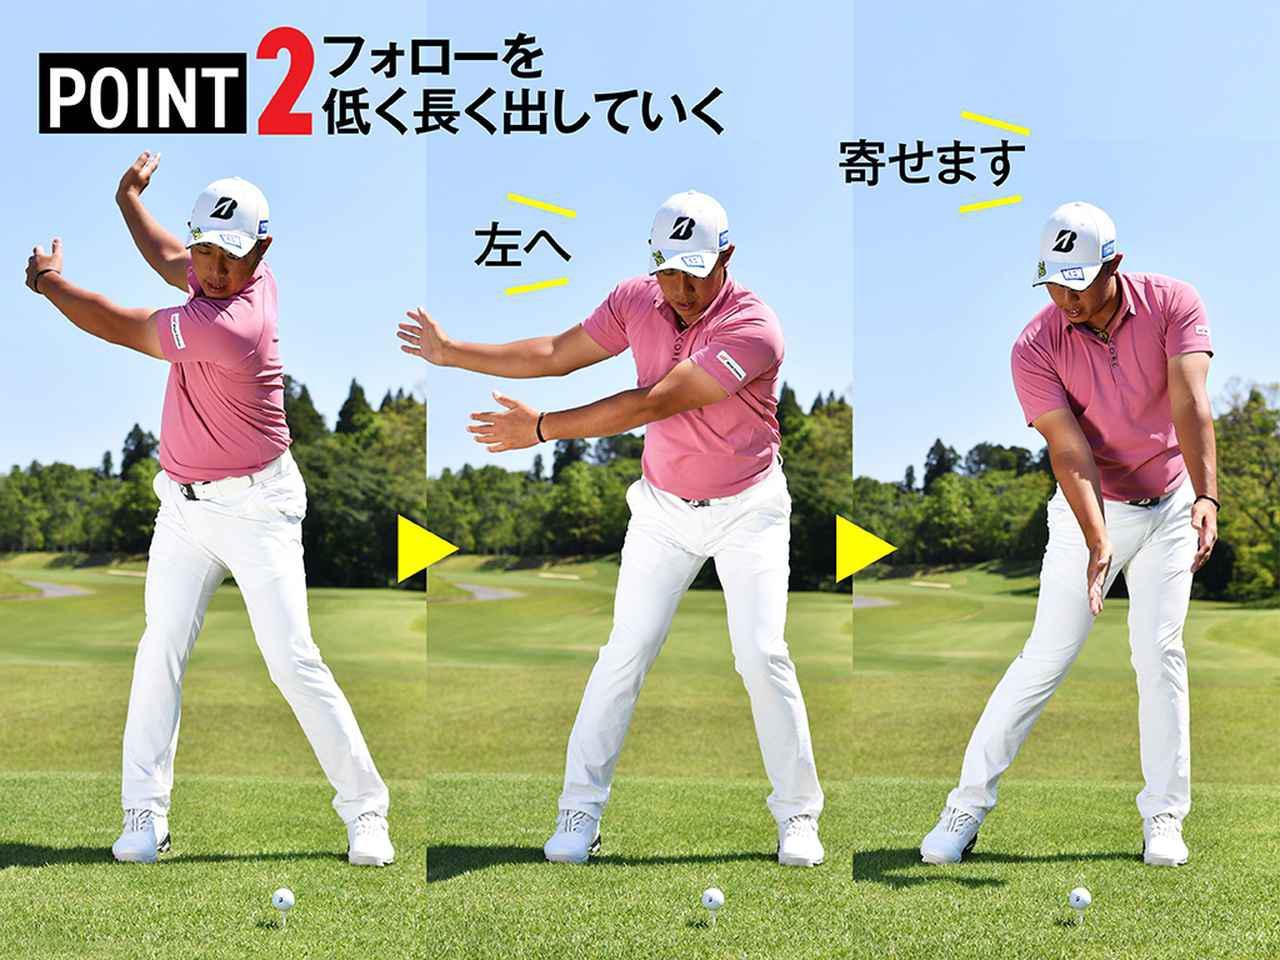 画像2: インパクトの先で速く振る3つのポイント